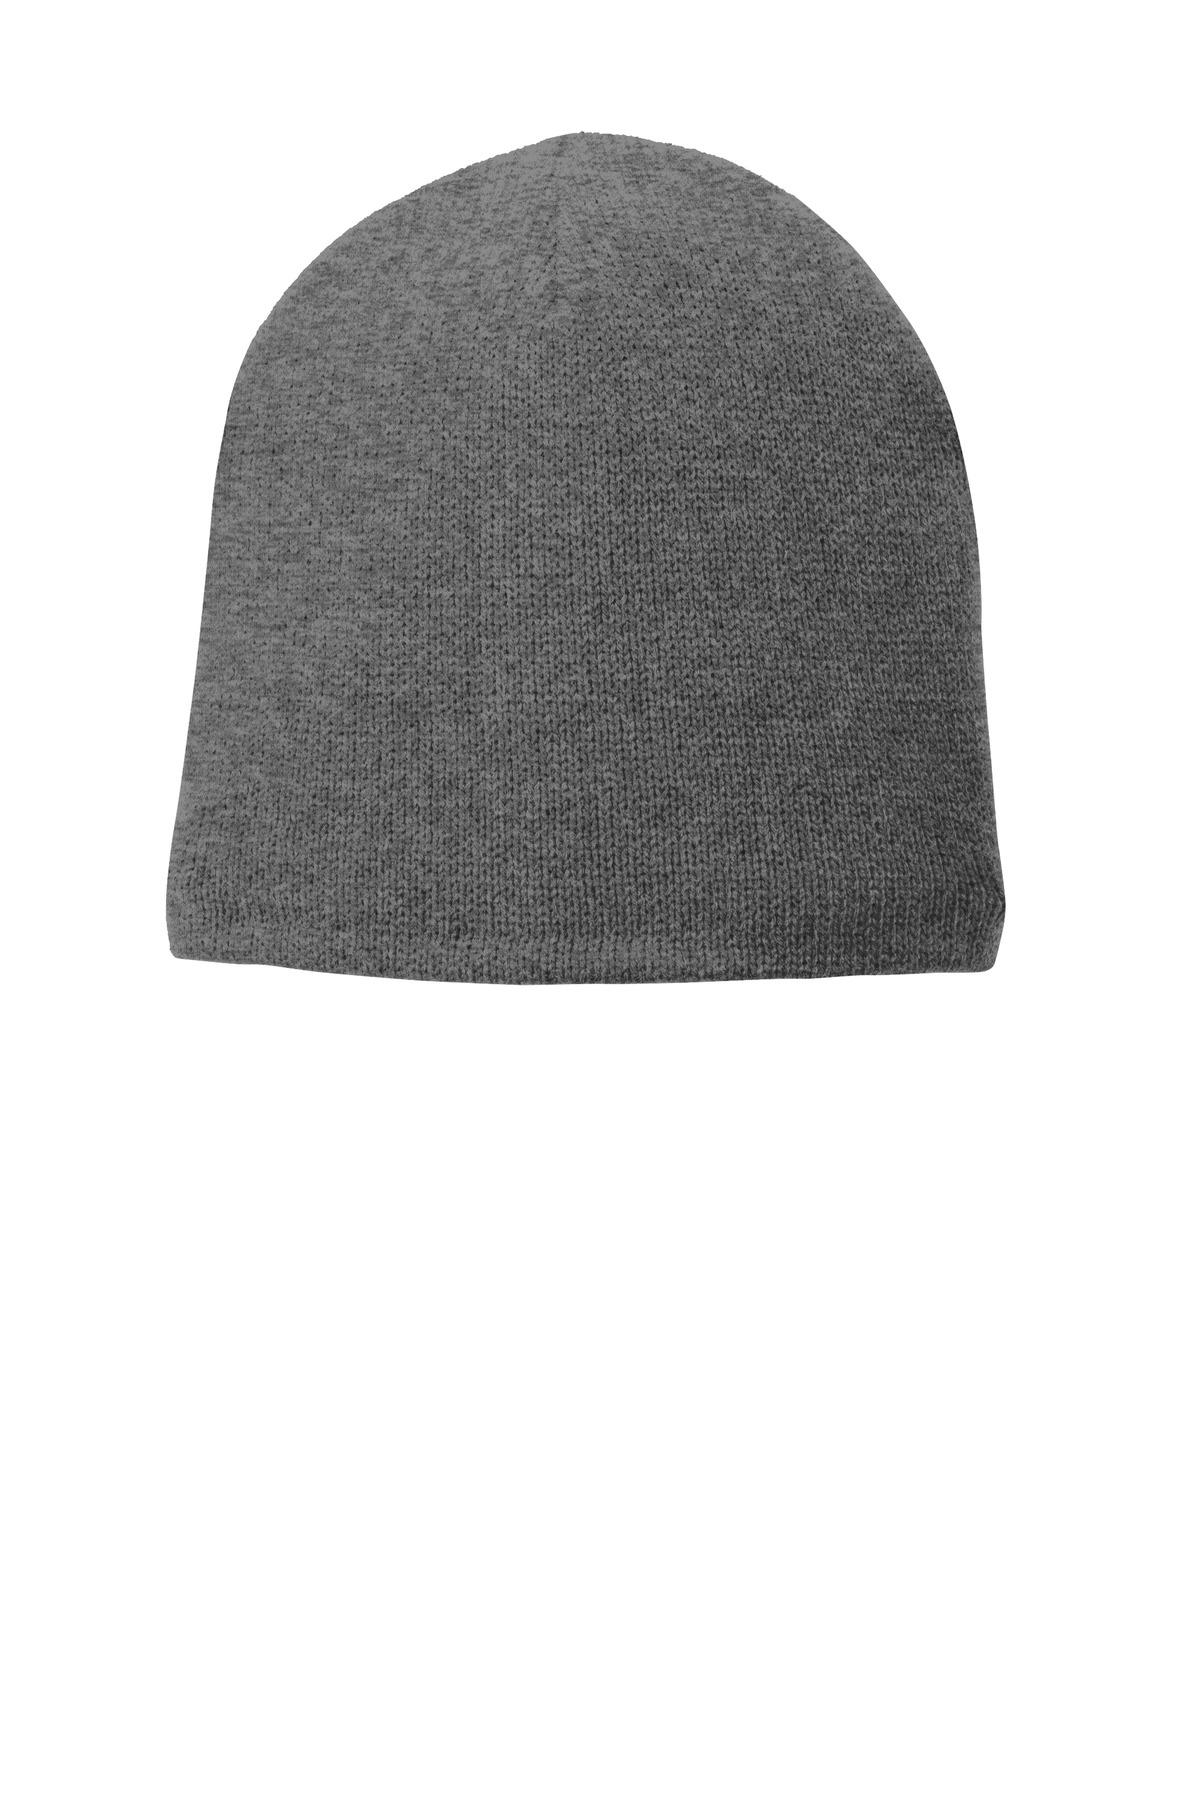 Port   Company CP91L - Fleece-Lined Beanie Cap - Headwear 3750ee518df